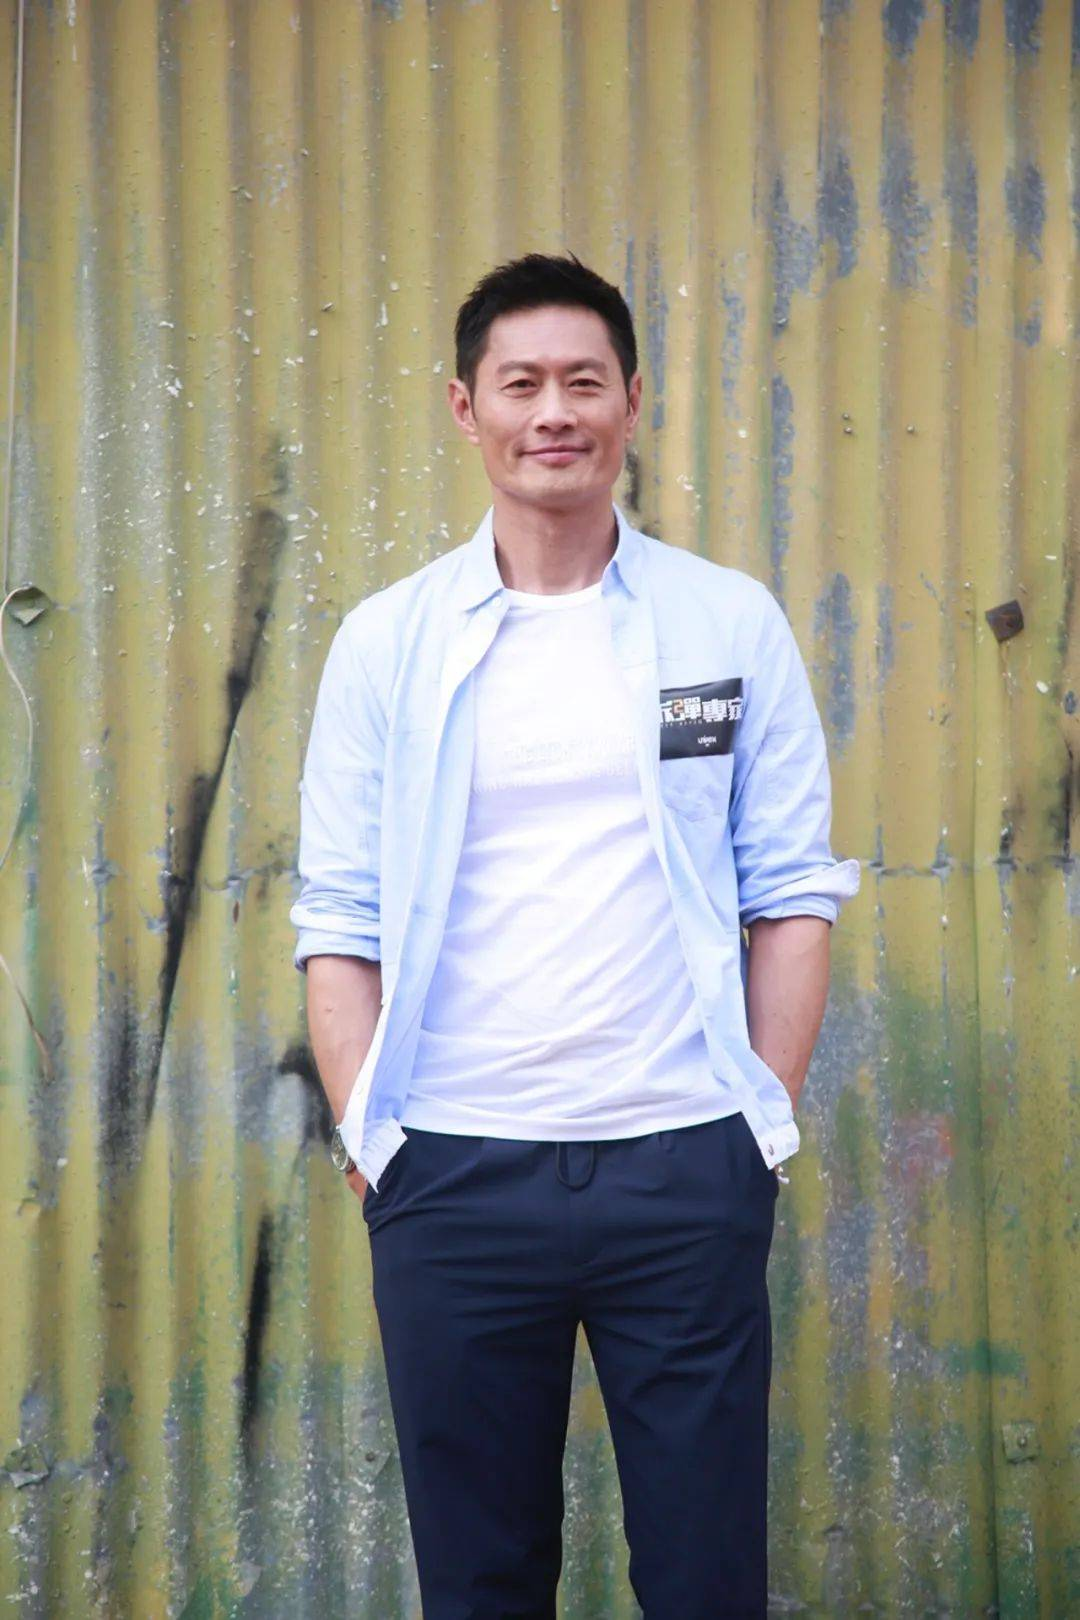 越老越有型!57岁前TVB男星黄德斌重回观众视野,40岁才有代表作  第5张